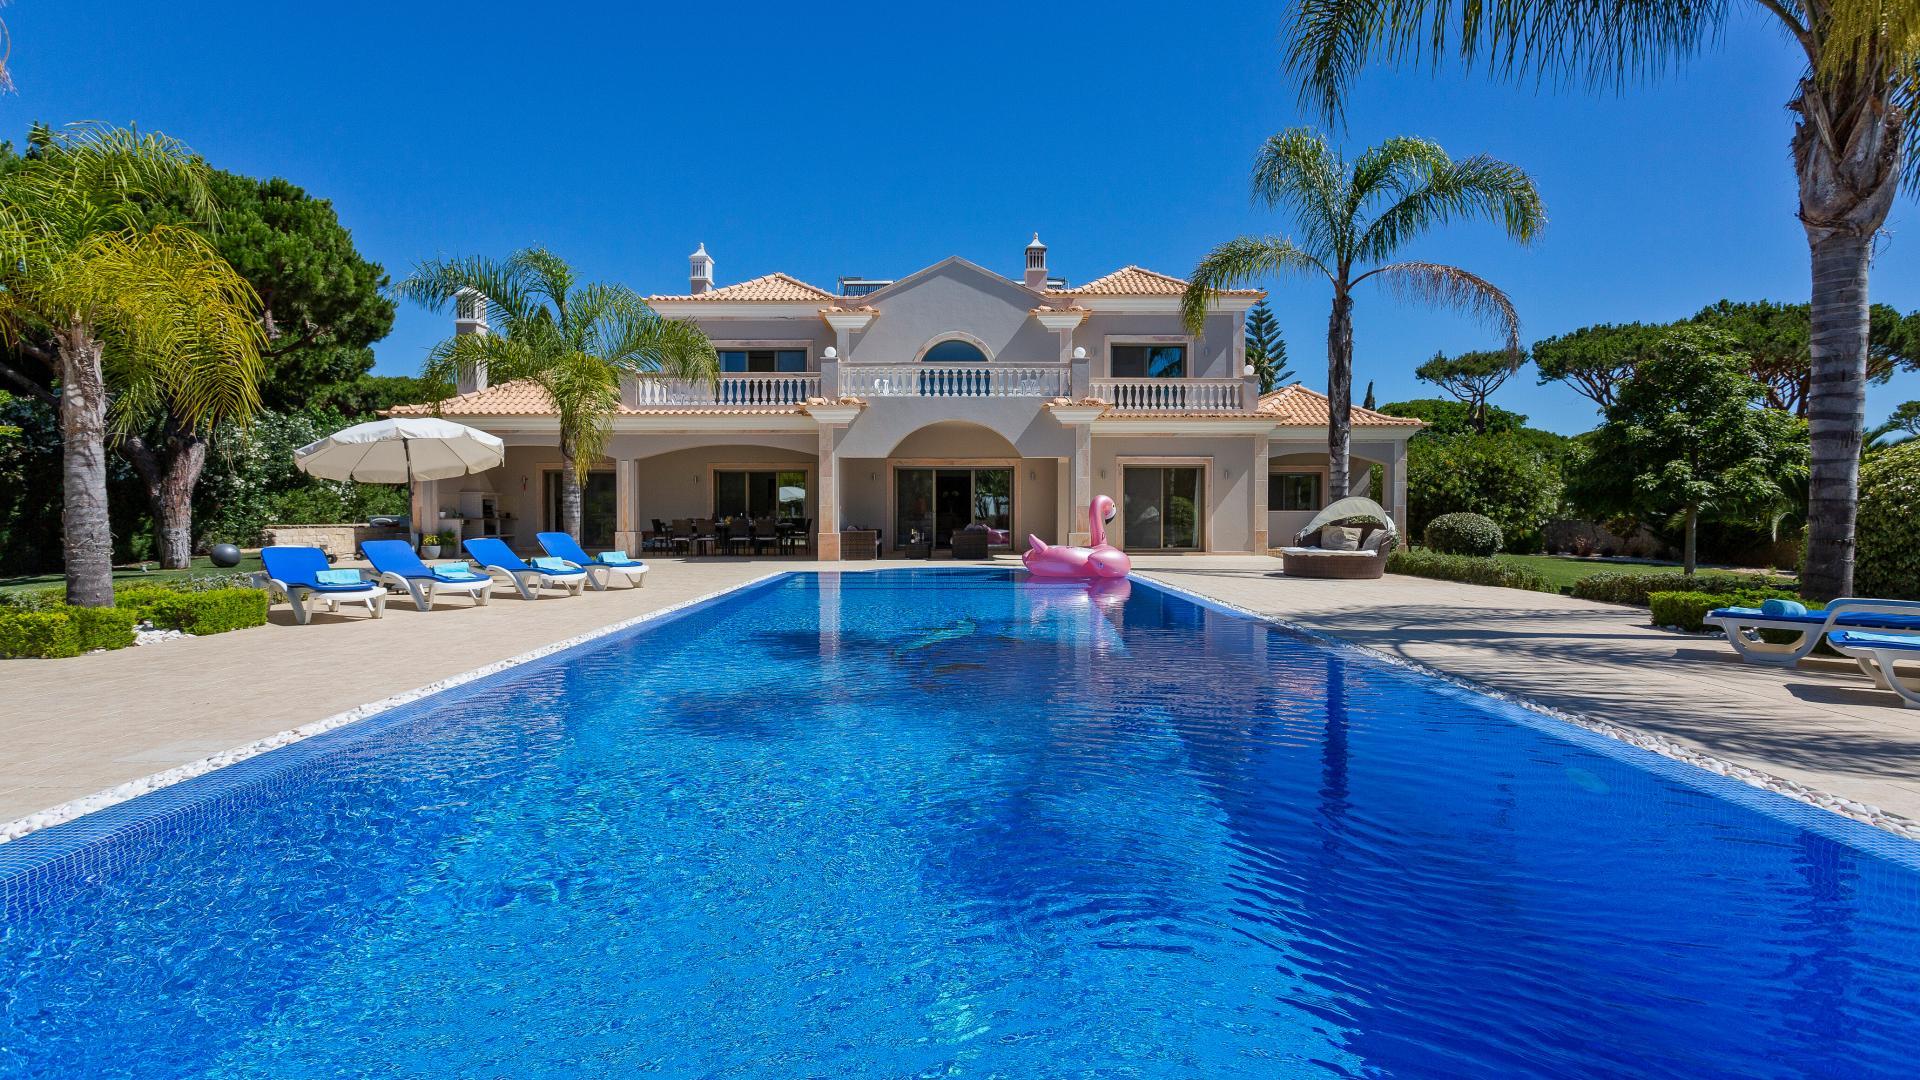 Villa Kokomo - Fonte Santa, Vale do Lobo, Algarve - 1.png